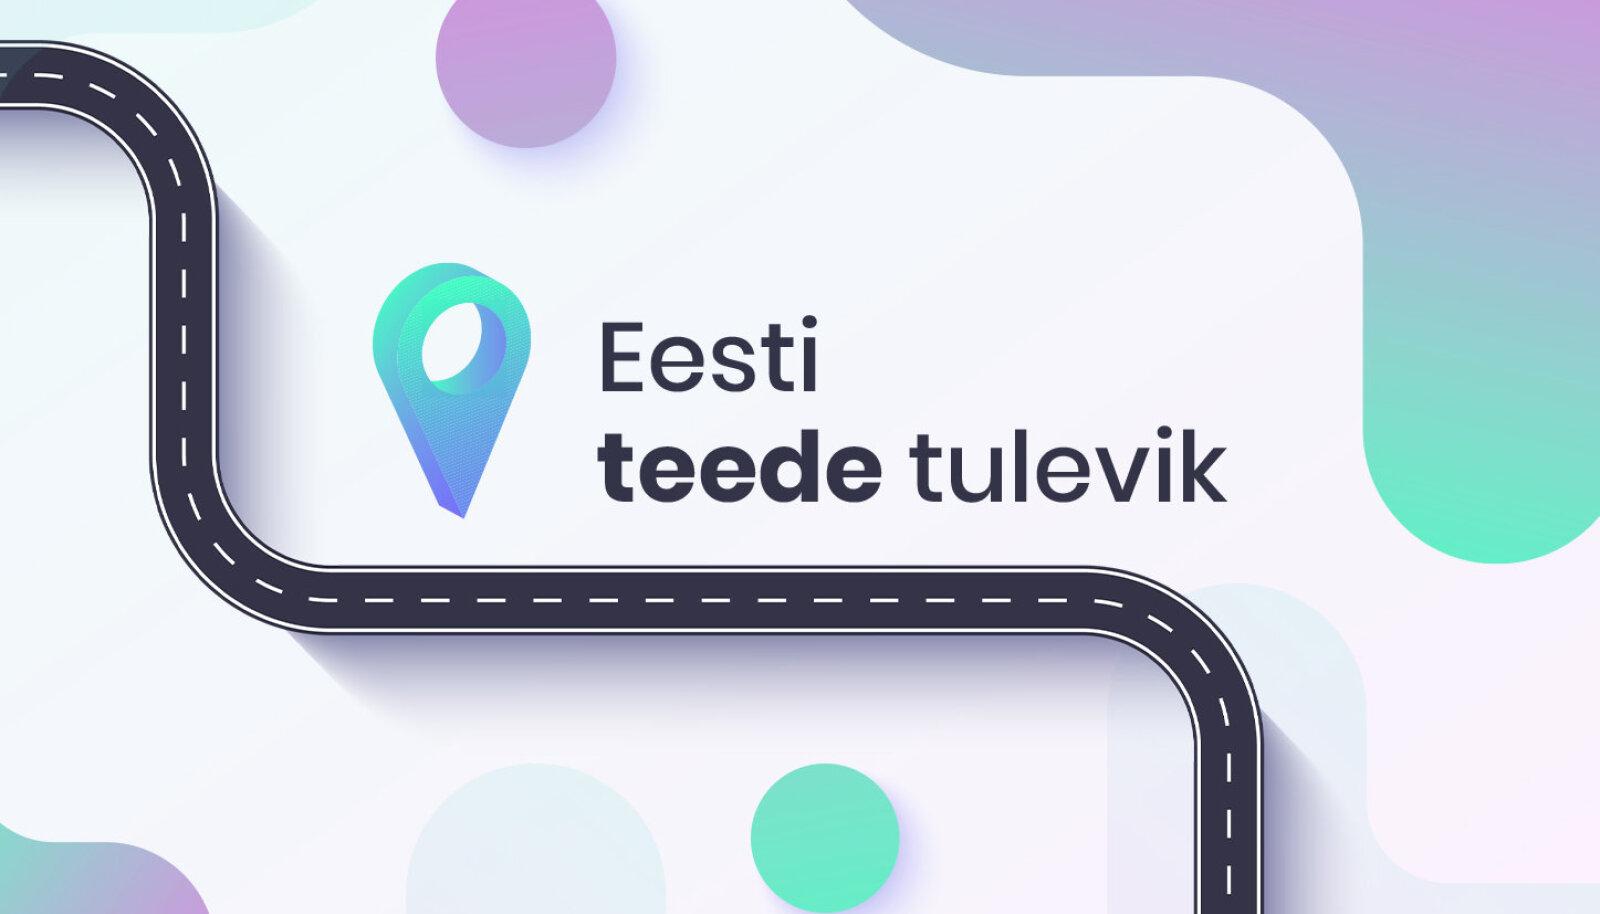 Eesti teede tulevik